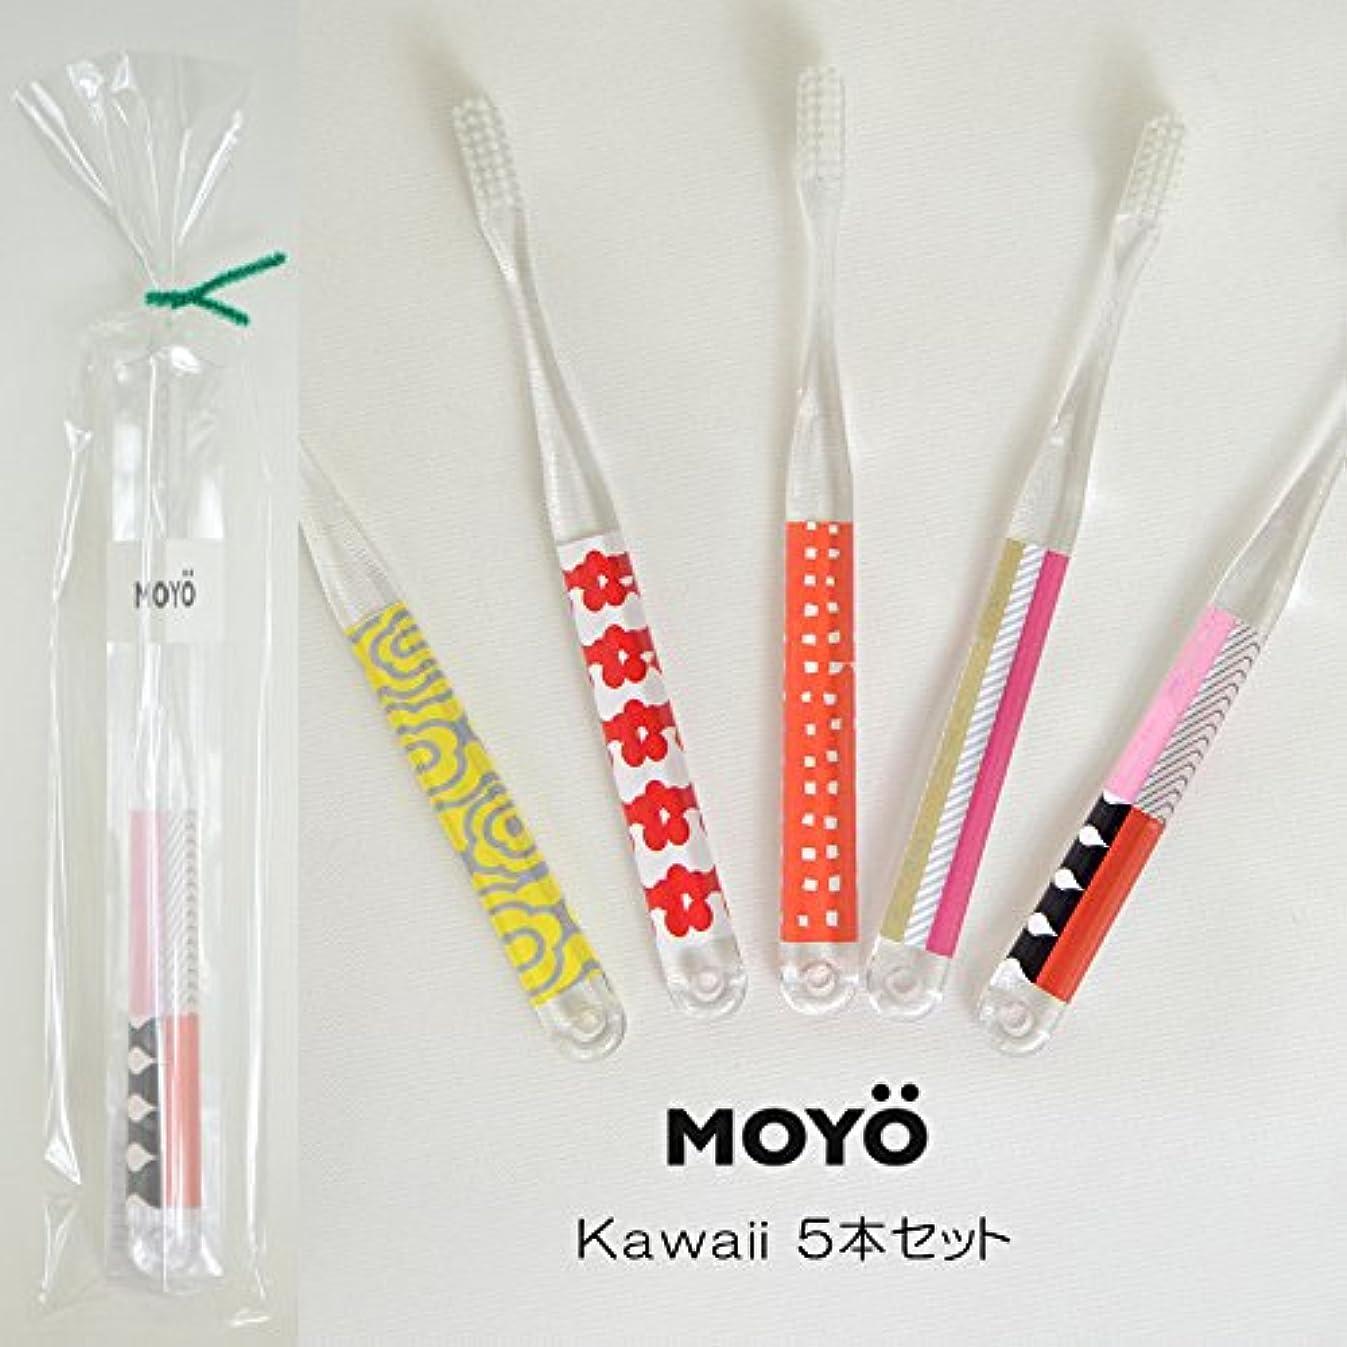 まで送金明日MOYO モヨウ 歯ブラシ kawaii5本 プチ ギフト セット_562302-kawaii 【F】,kawaii5本セット